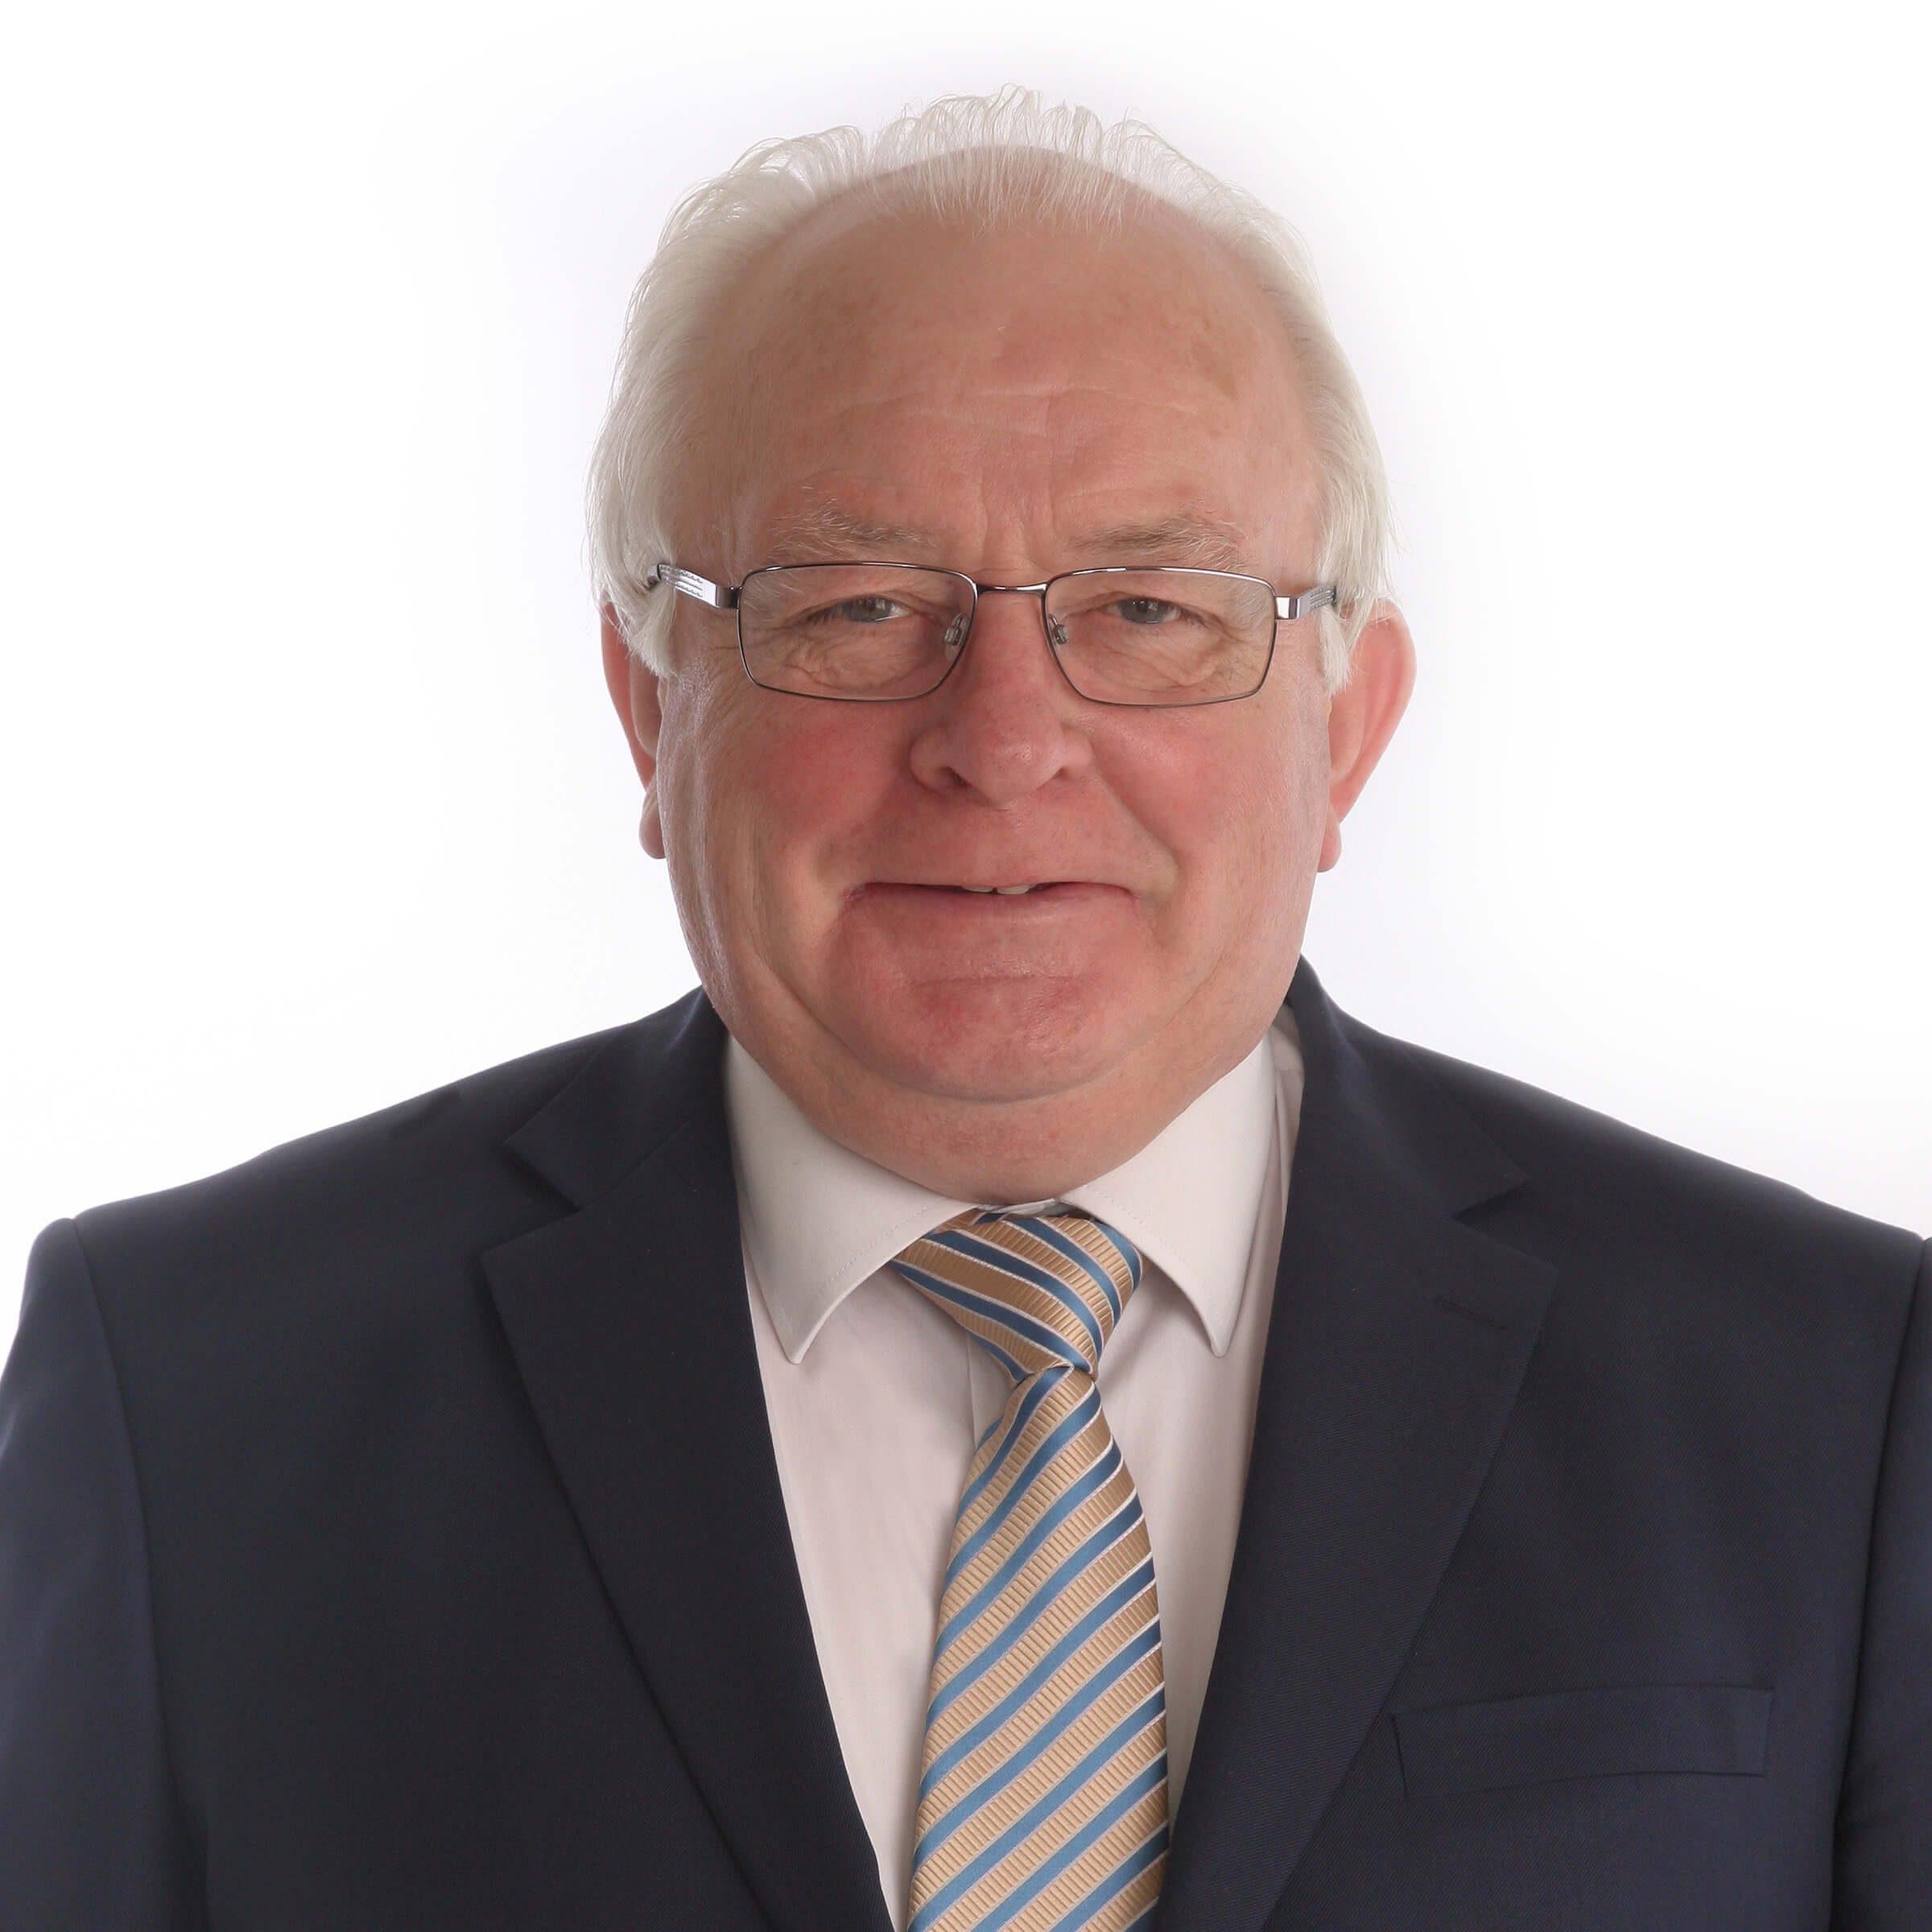 Councillor Rocky McGrath